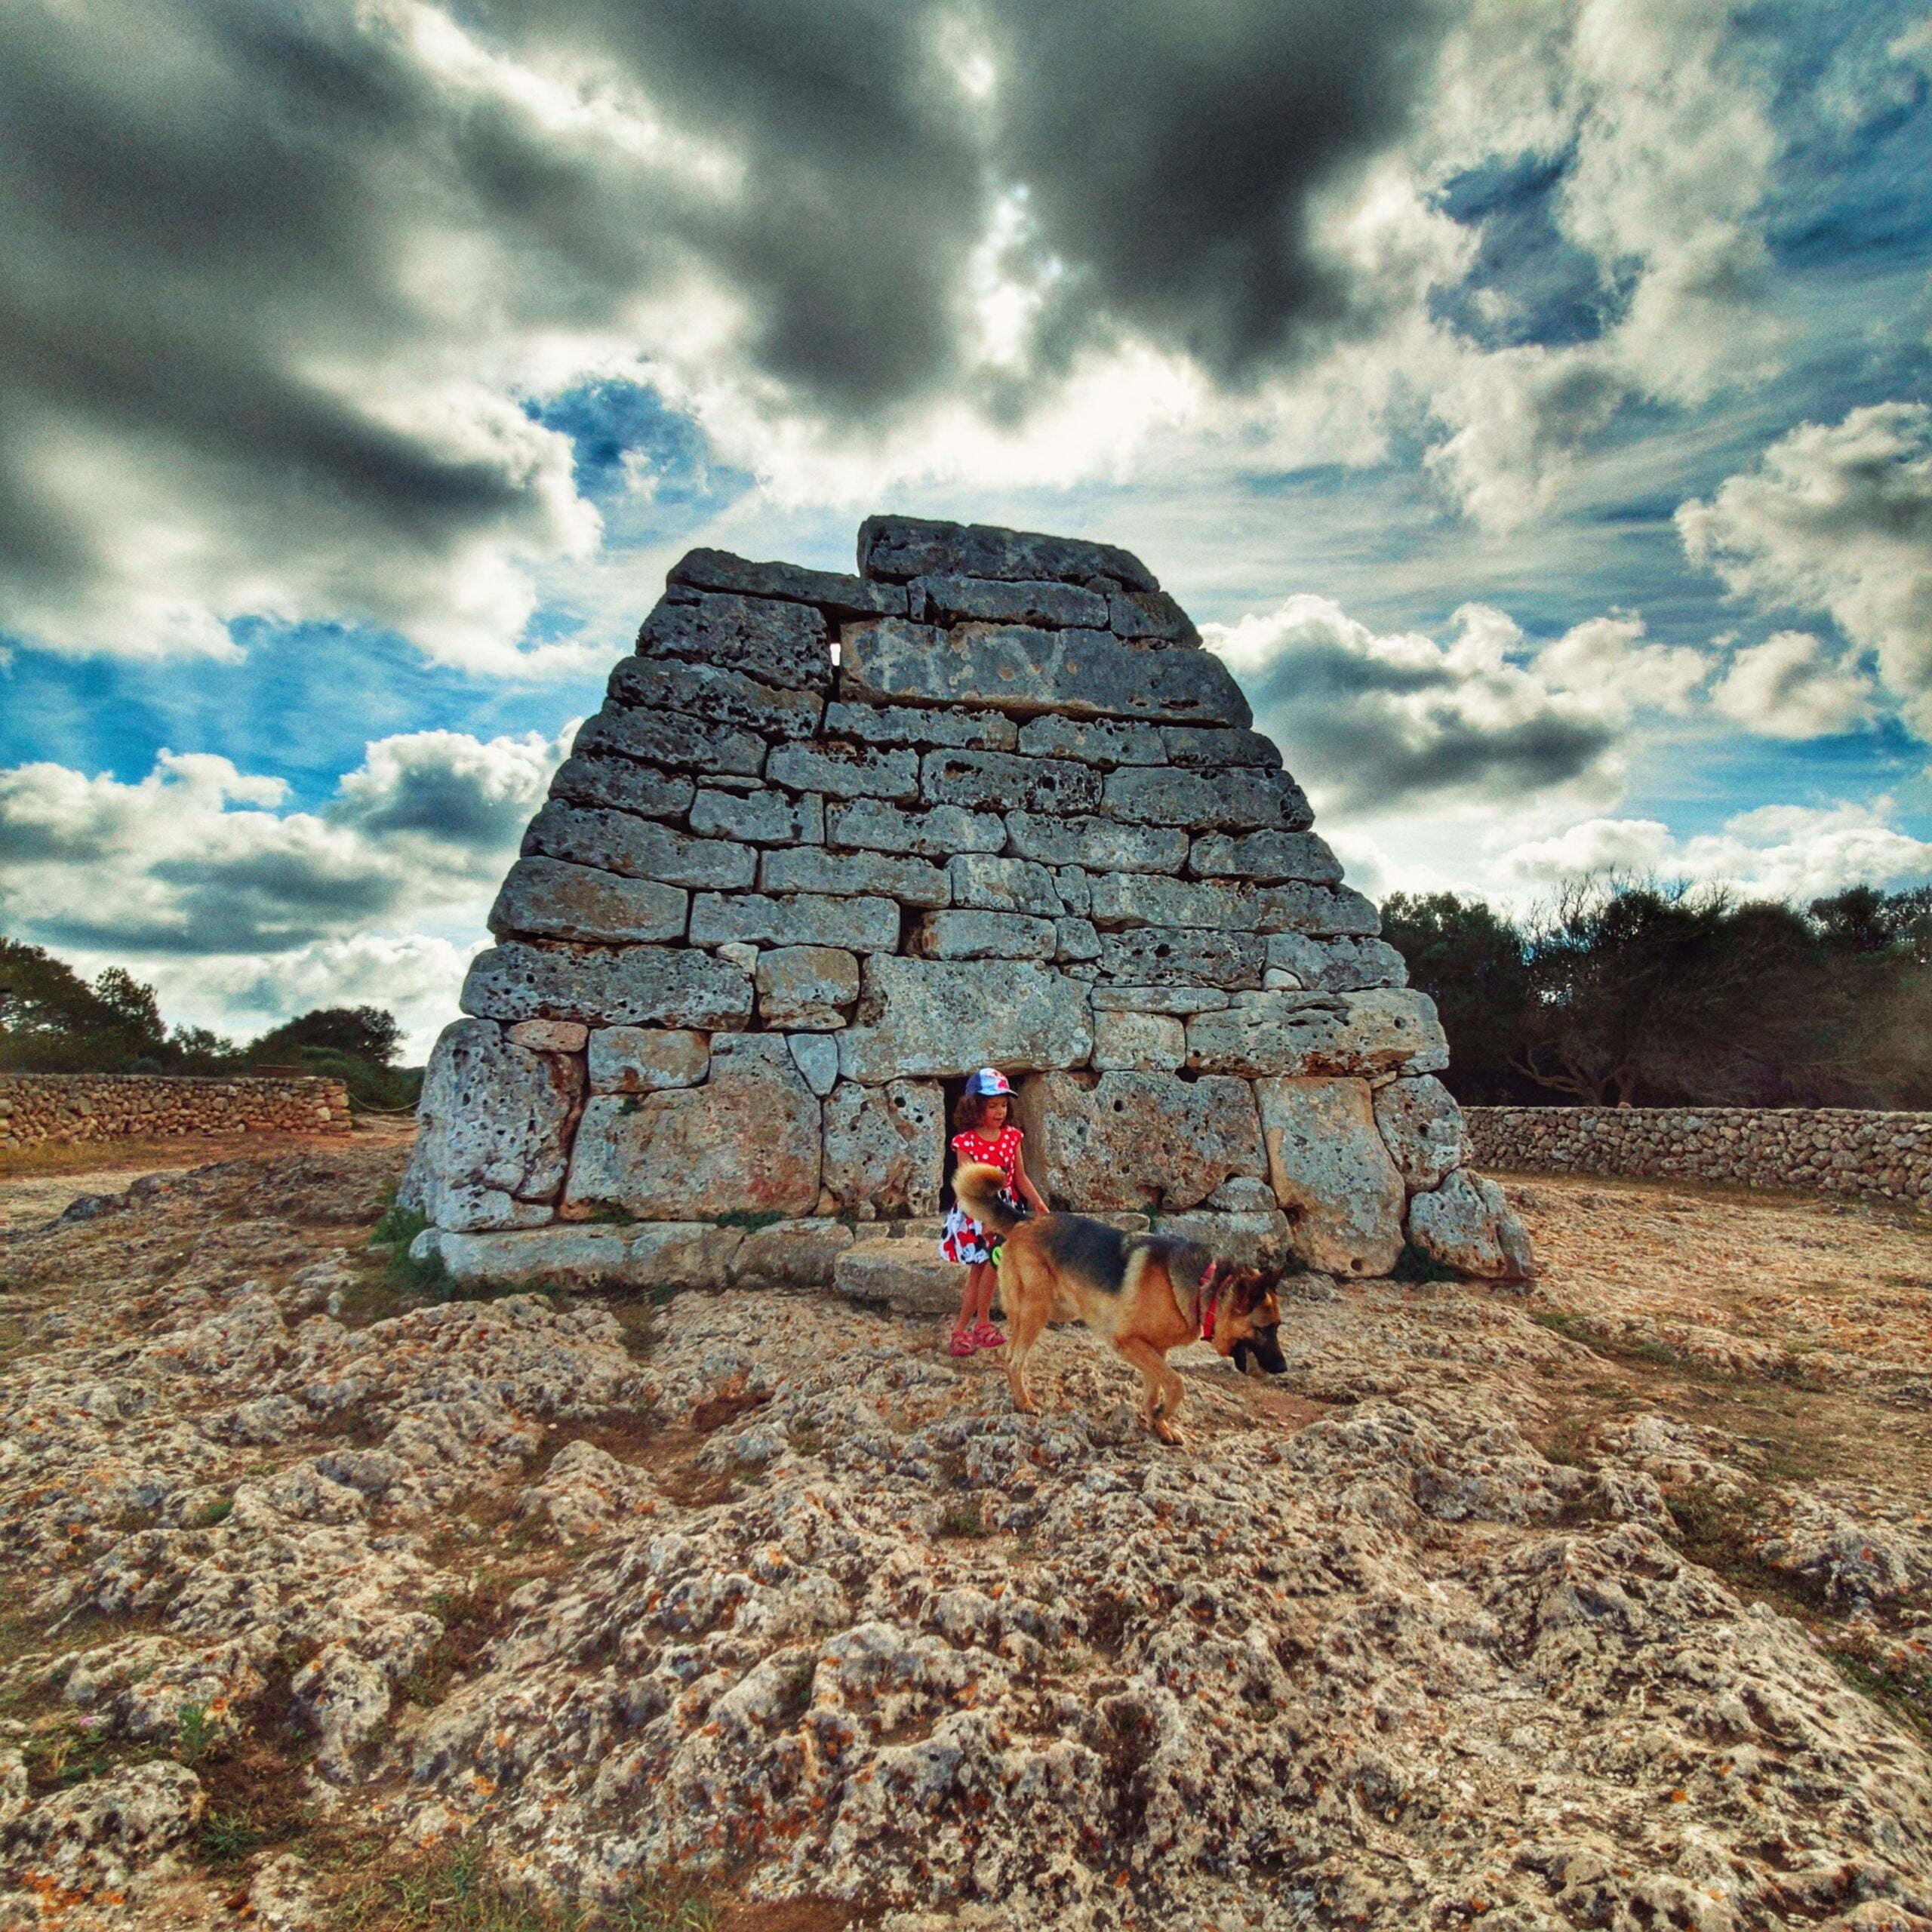 La Naveta des Tudons en autocaravana, el edificio funerario talayótico más grande de la isla de Menorca